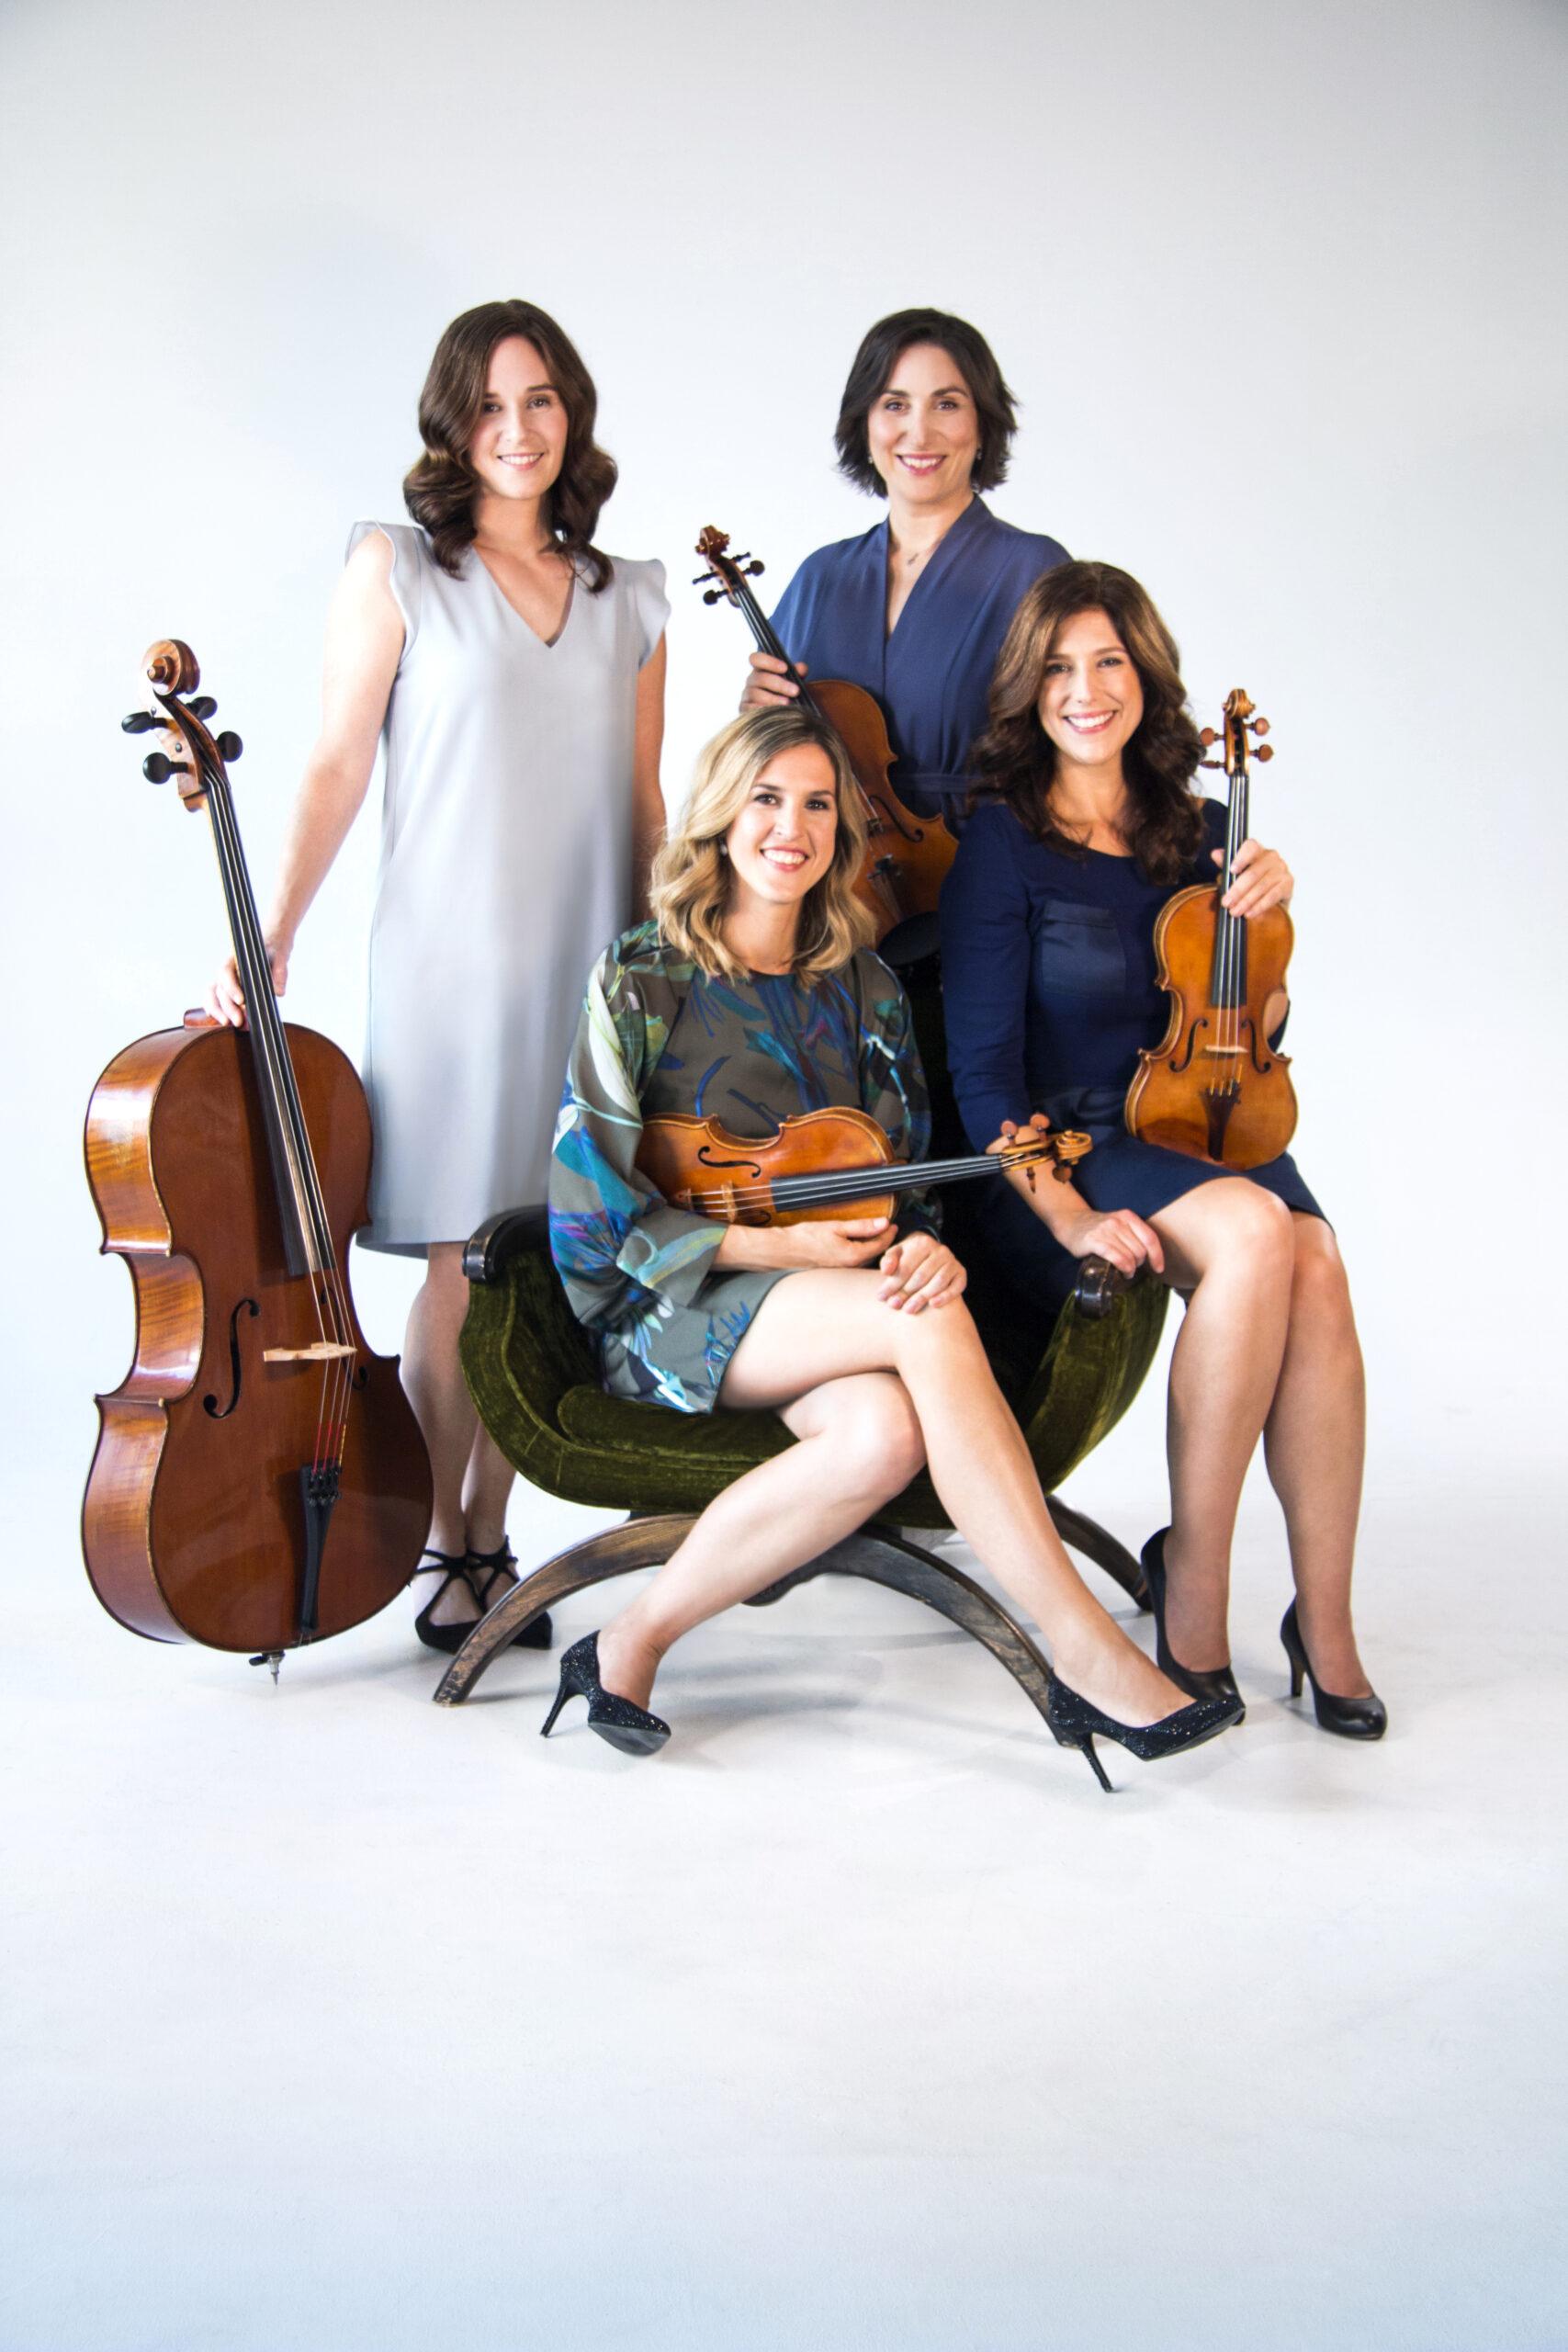 QuatuorRhapsodie-2020-02